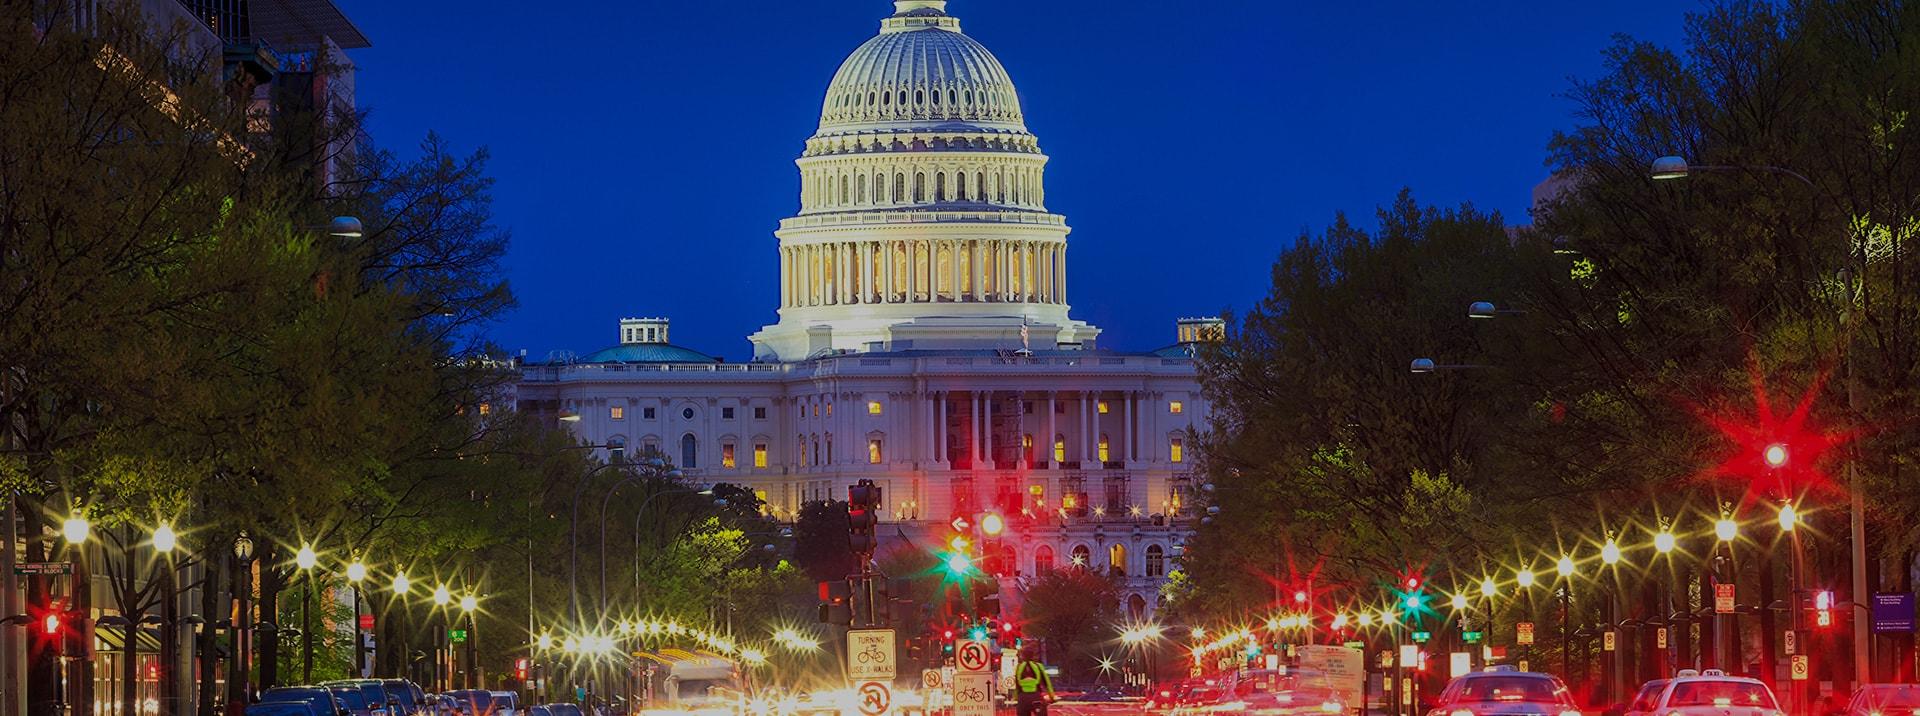 Washington, D.C, USA